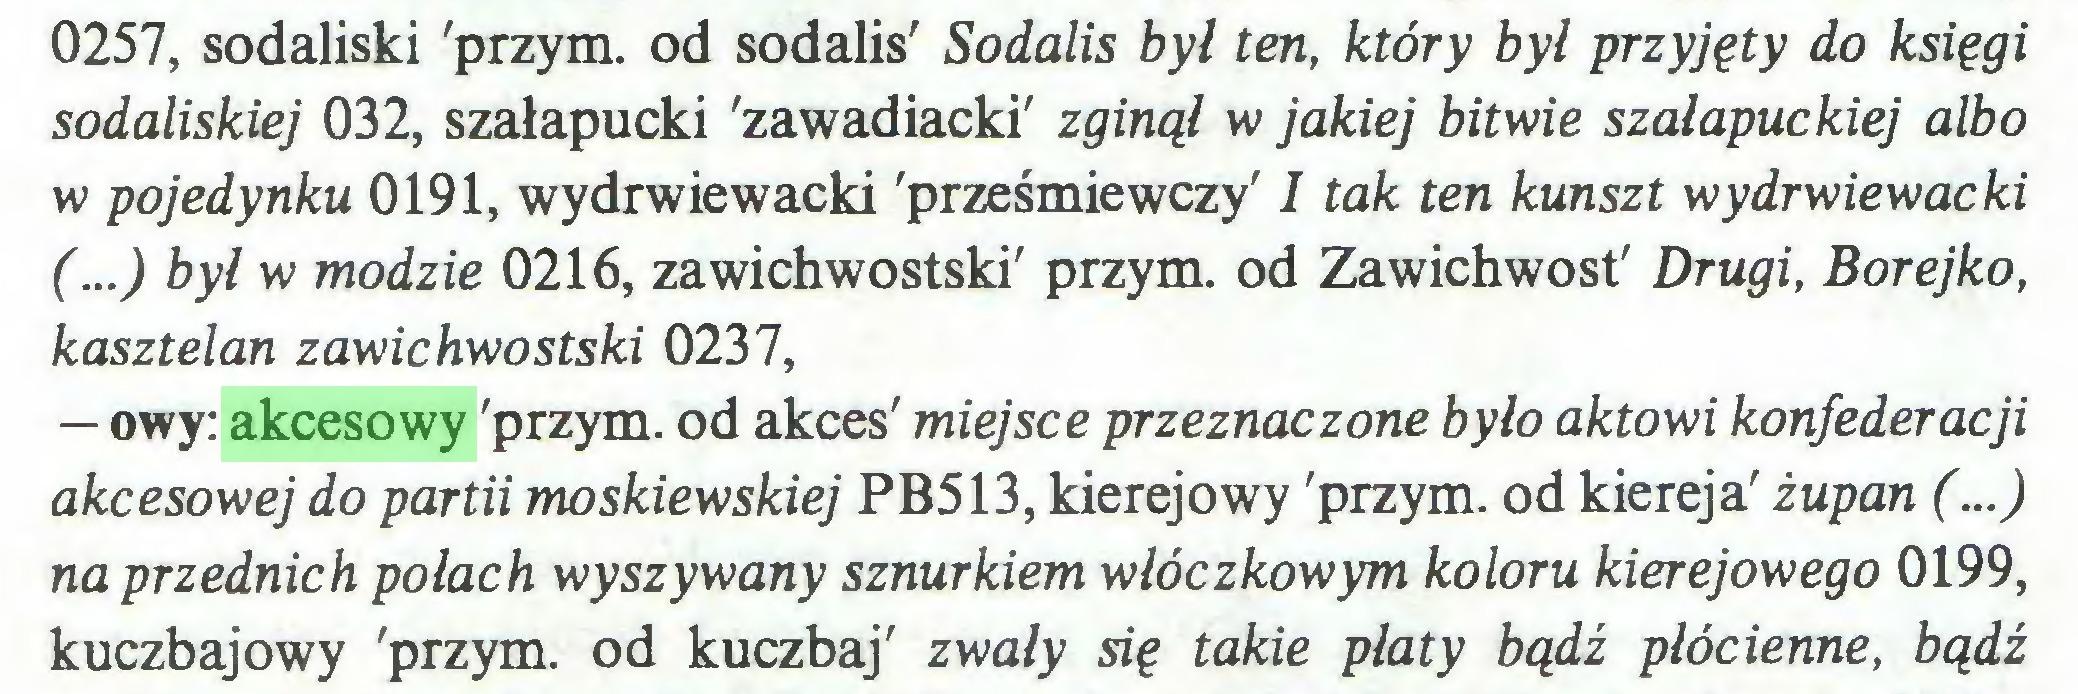 (...) 0257, sodaliski 'przym. od sodalis' Sodalis był ten, który był przyjęty do księgi sodaliskiej 032, szałapucki 'zawadiacki' zginął w jakiej bitwie szałapuckiej albo w pojedynku 0191, wy drwię wacki 'prześmiewczy' I tak ten kunszt wydrwiewacki (...) był w modzie 0216, zawichwostski' przym. od Zawichwost' Drugi, Borejko, kasztelan zawichwostski 0237, — owy: akcesowy 'przym. od akces' miejsce przeznaczone było aktowi konfederacji akcesowej do partii moskiewskiej PB513, kierejowy 'przym. od kiereja' żupan (...) na przednich połach wyszywany sznurkiem włóczkowym koloru kierejowego 0199, kuczbajowy 'przym. od kuczbaj' zwały się takie płaty bądź płócienne, bądź...